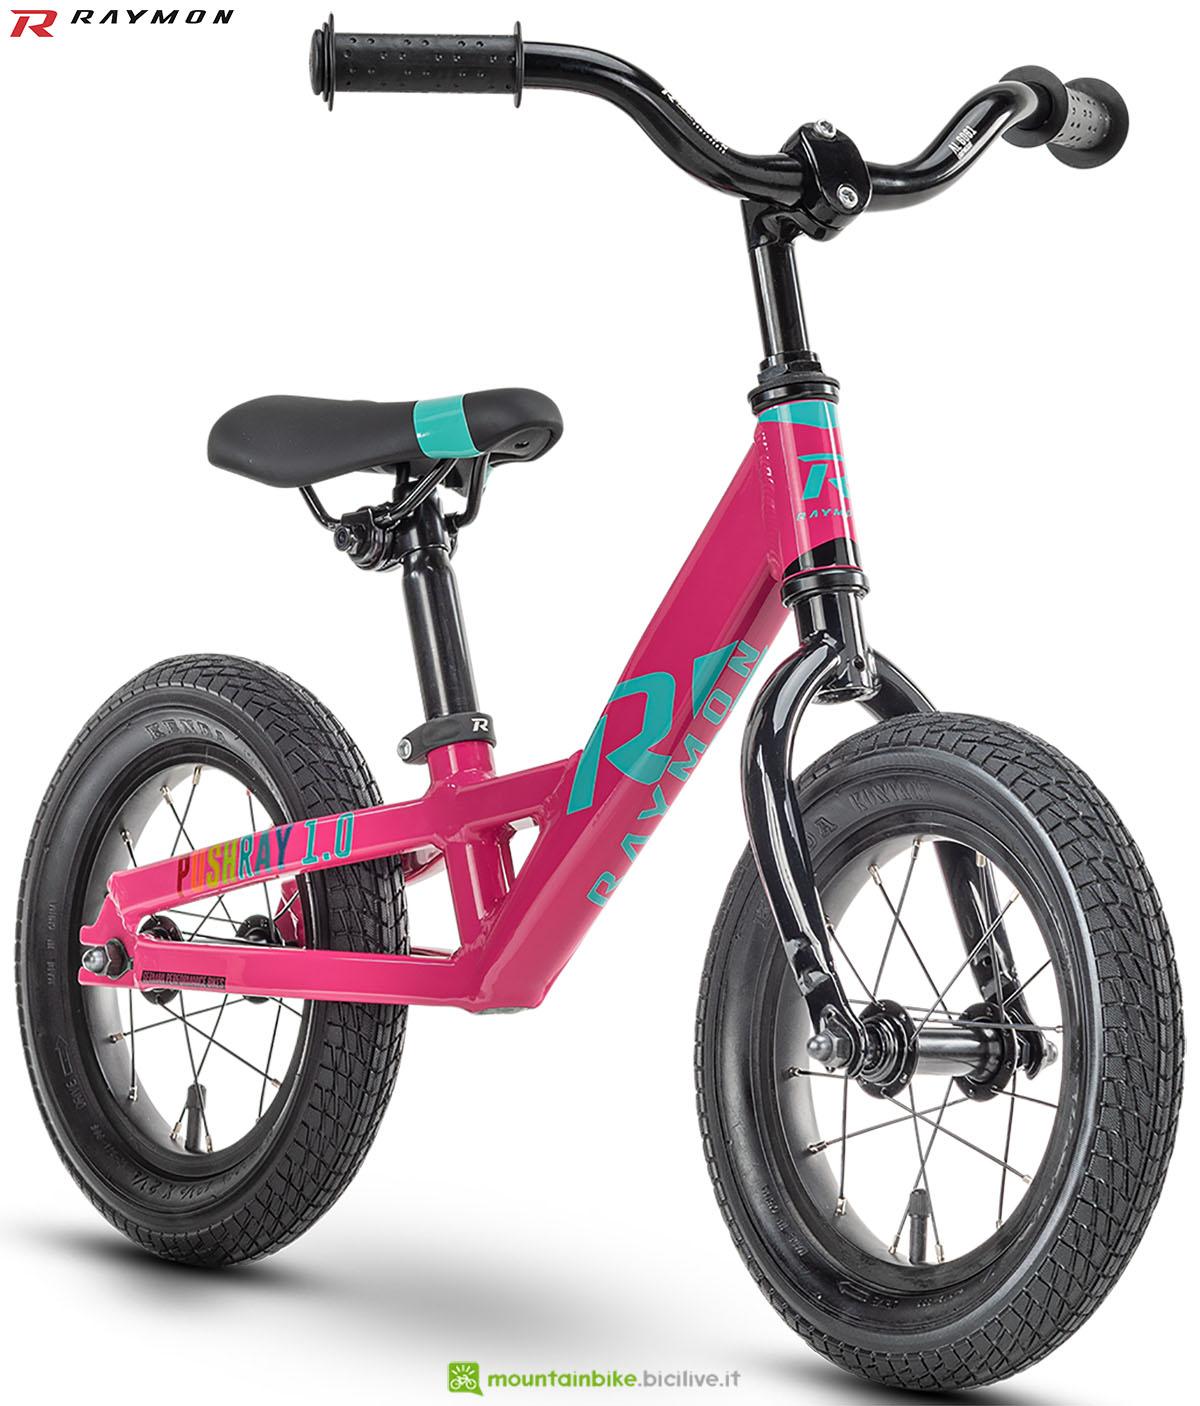 Una bici mtb R Raymon Pushray 1.0 2020